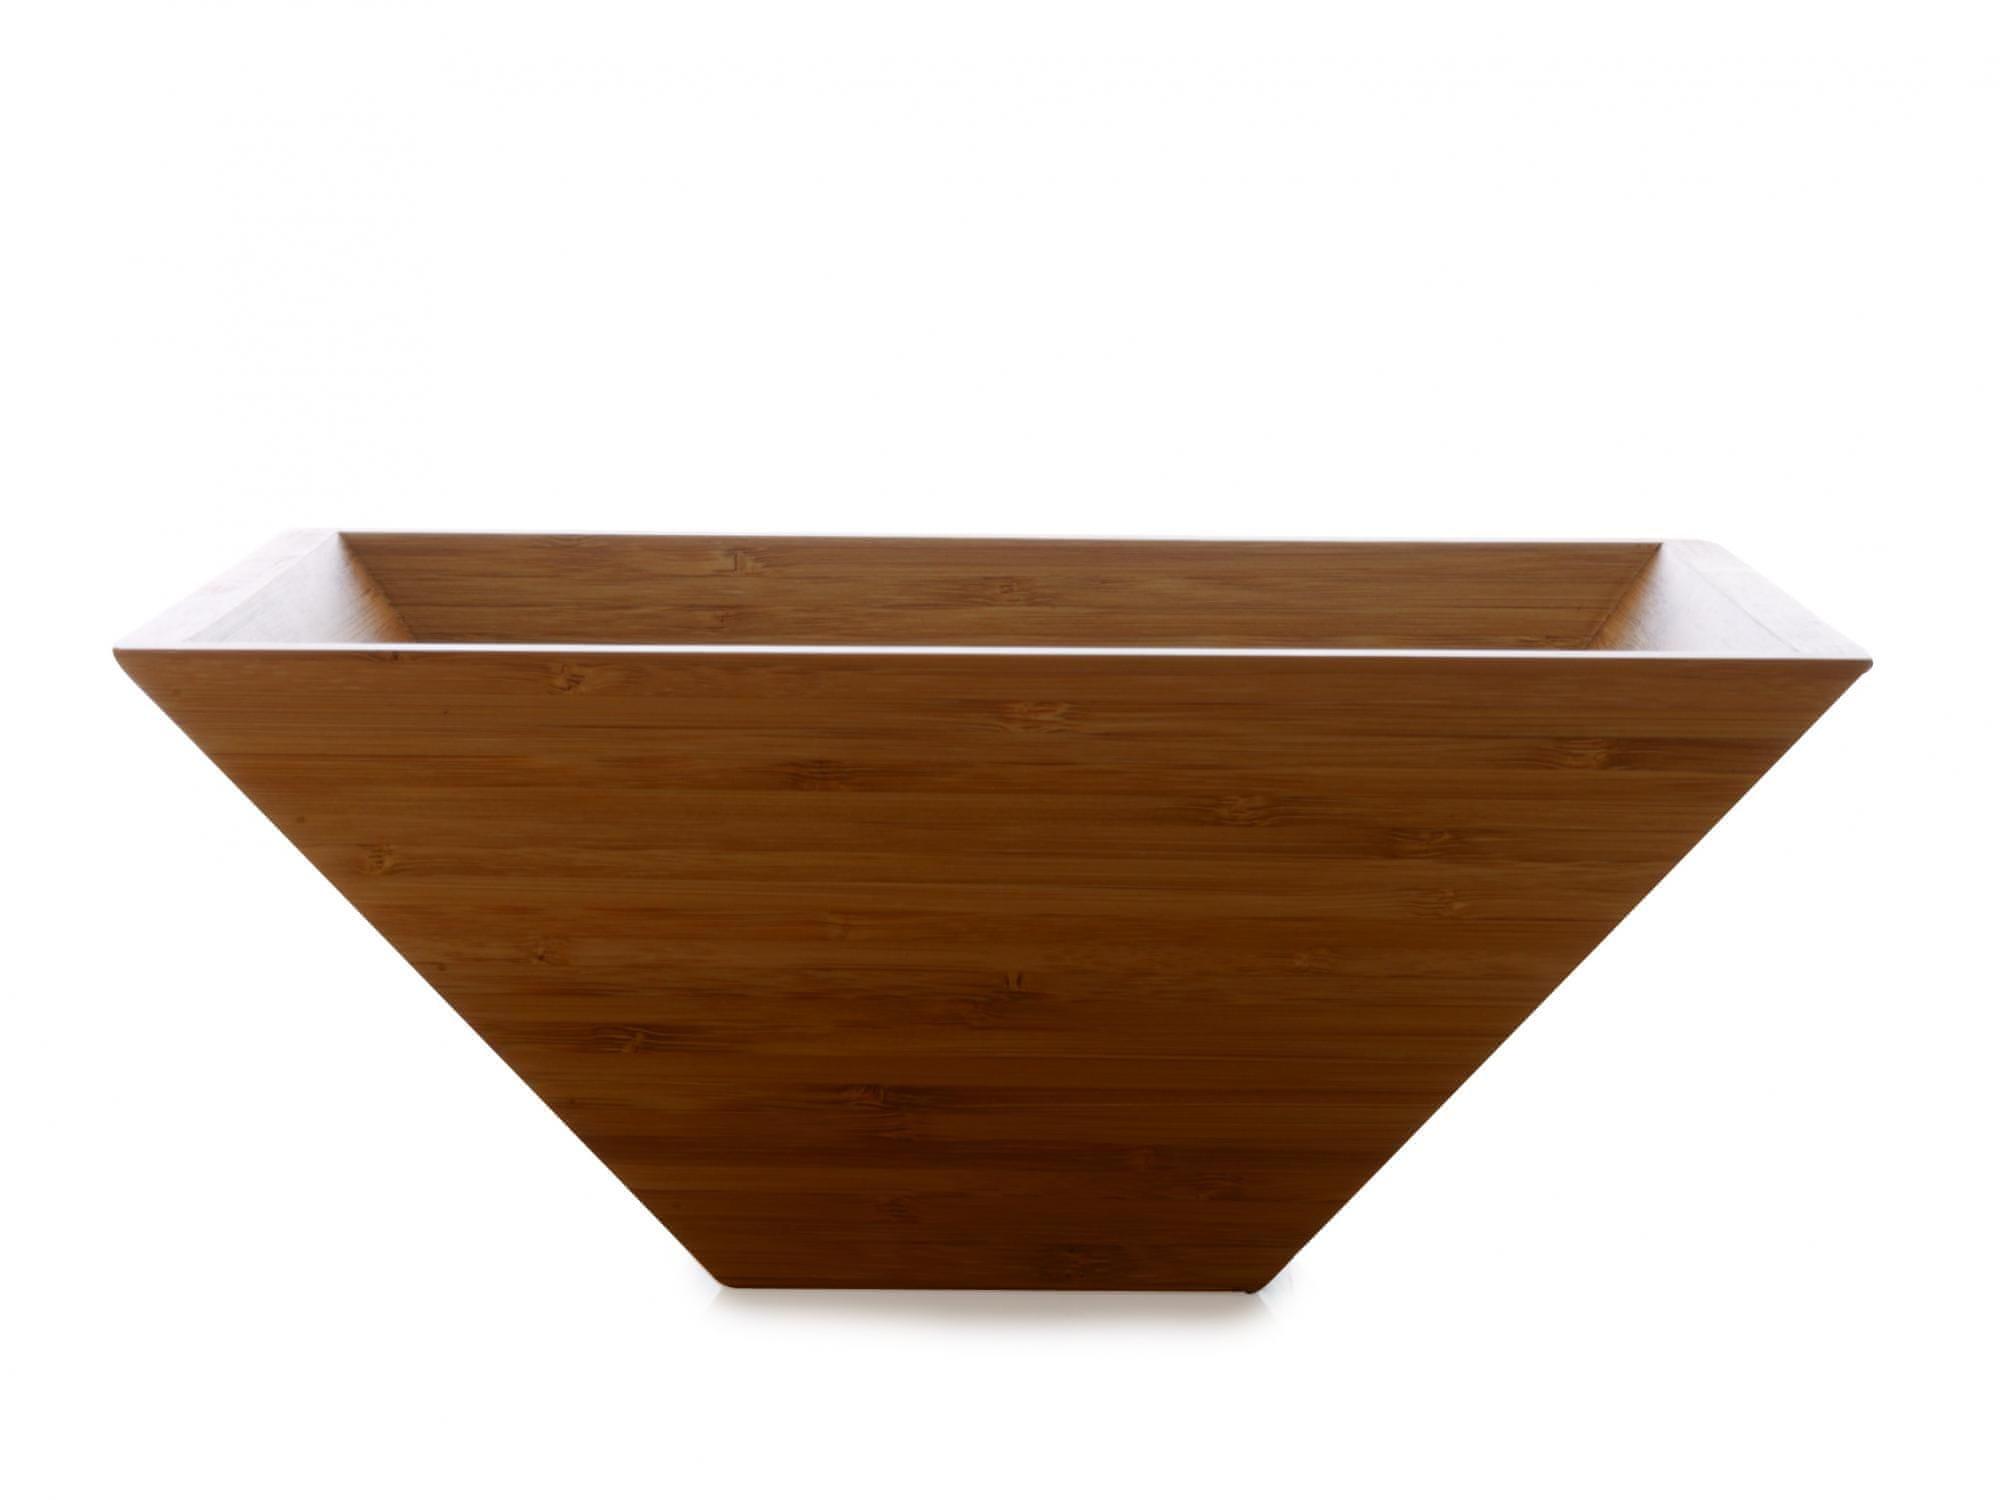 Maxwell & Williams Miska bambusowa 28 x 28 x 9,5 cm